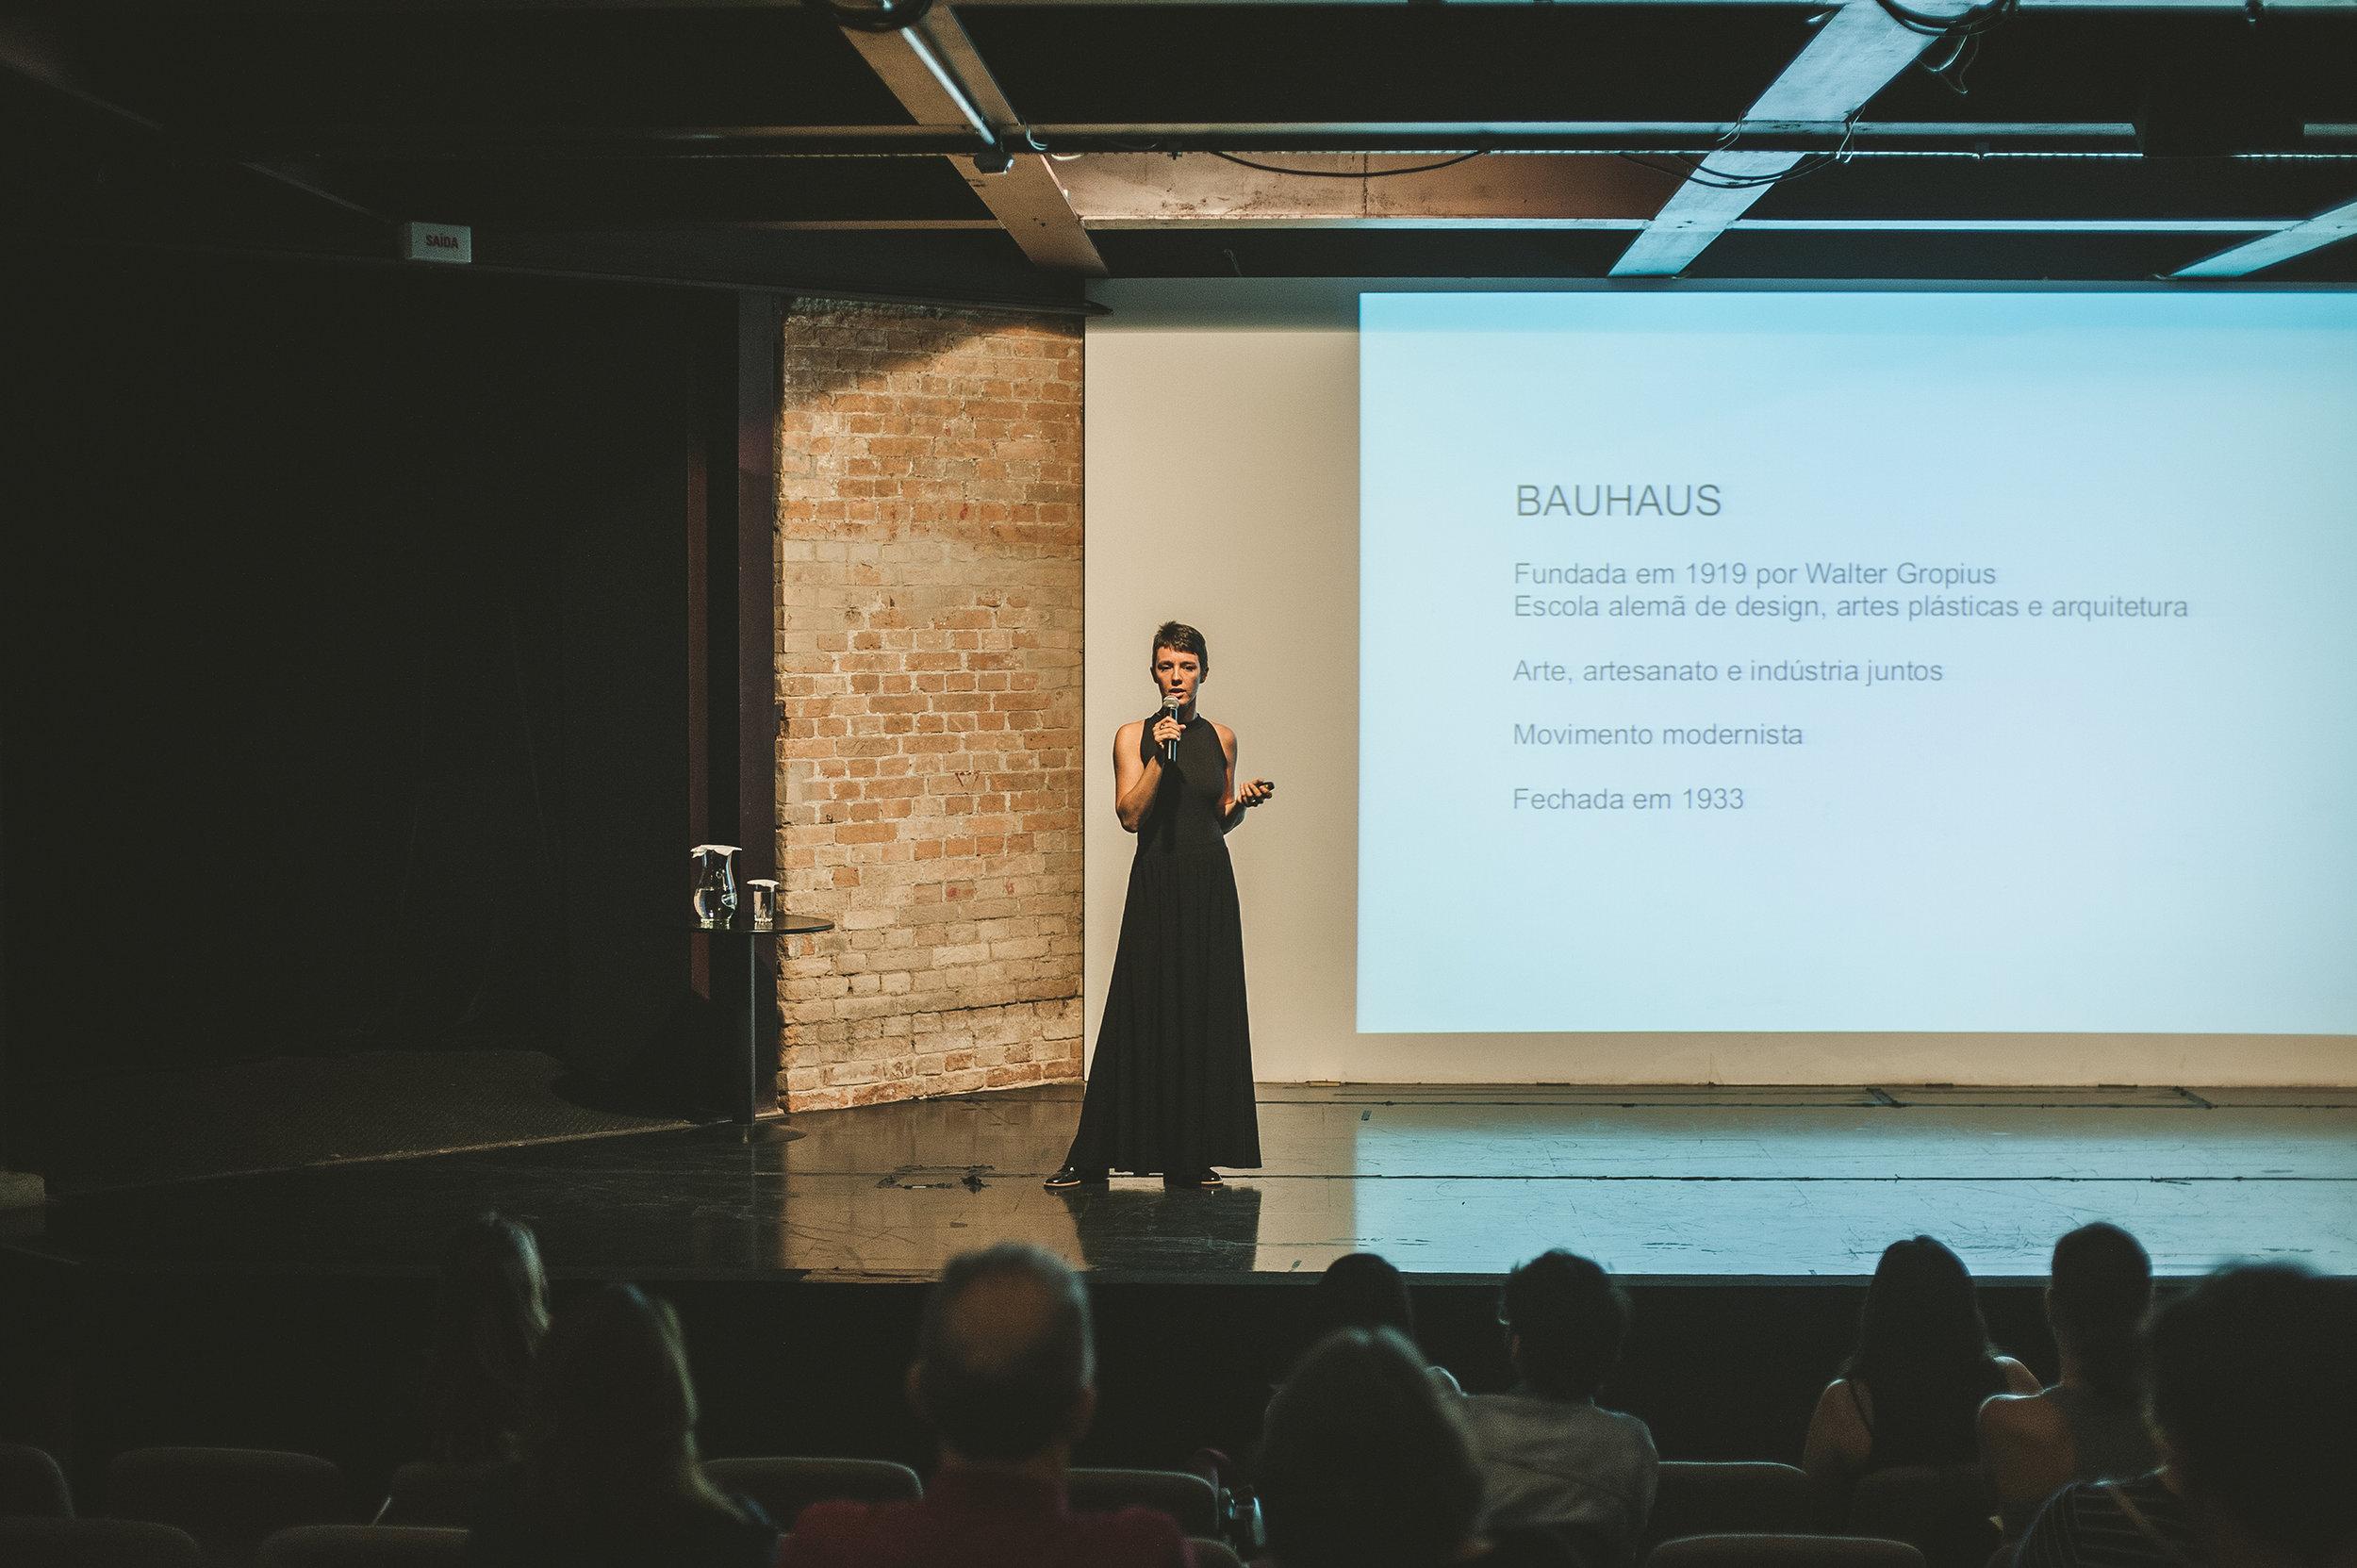 Grande estreia - O primeiro talk do MM aconteceu no auditório da Pinacoteca. Nicole Tomazi falou sobre design e manualidades, reforçando que o autoral e o feito à mão tem cada vez mais espaço por aqui e pelo mundo.